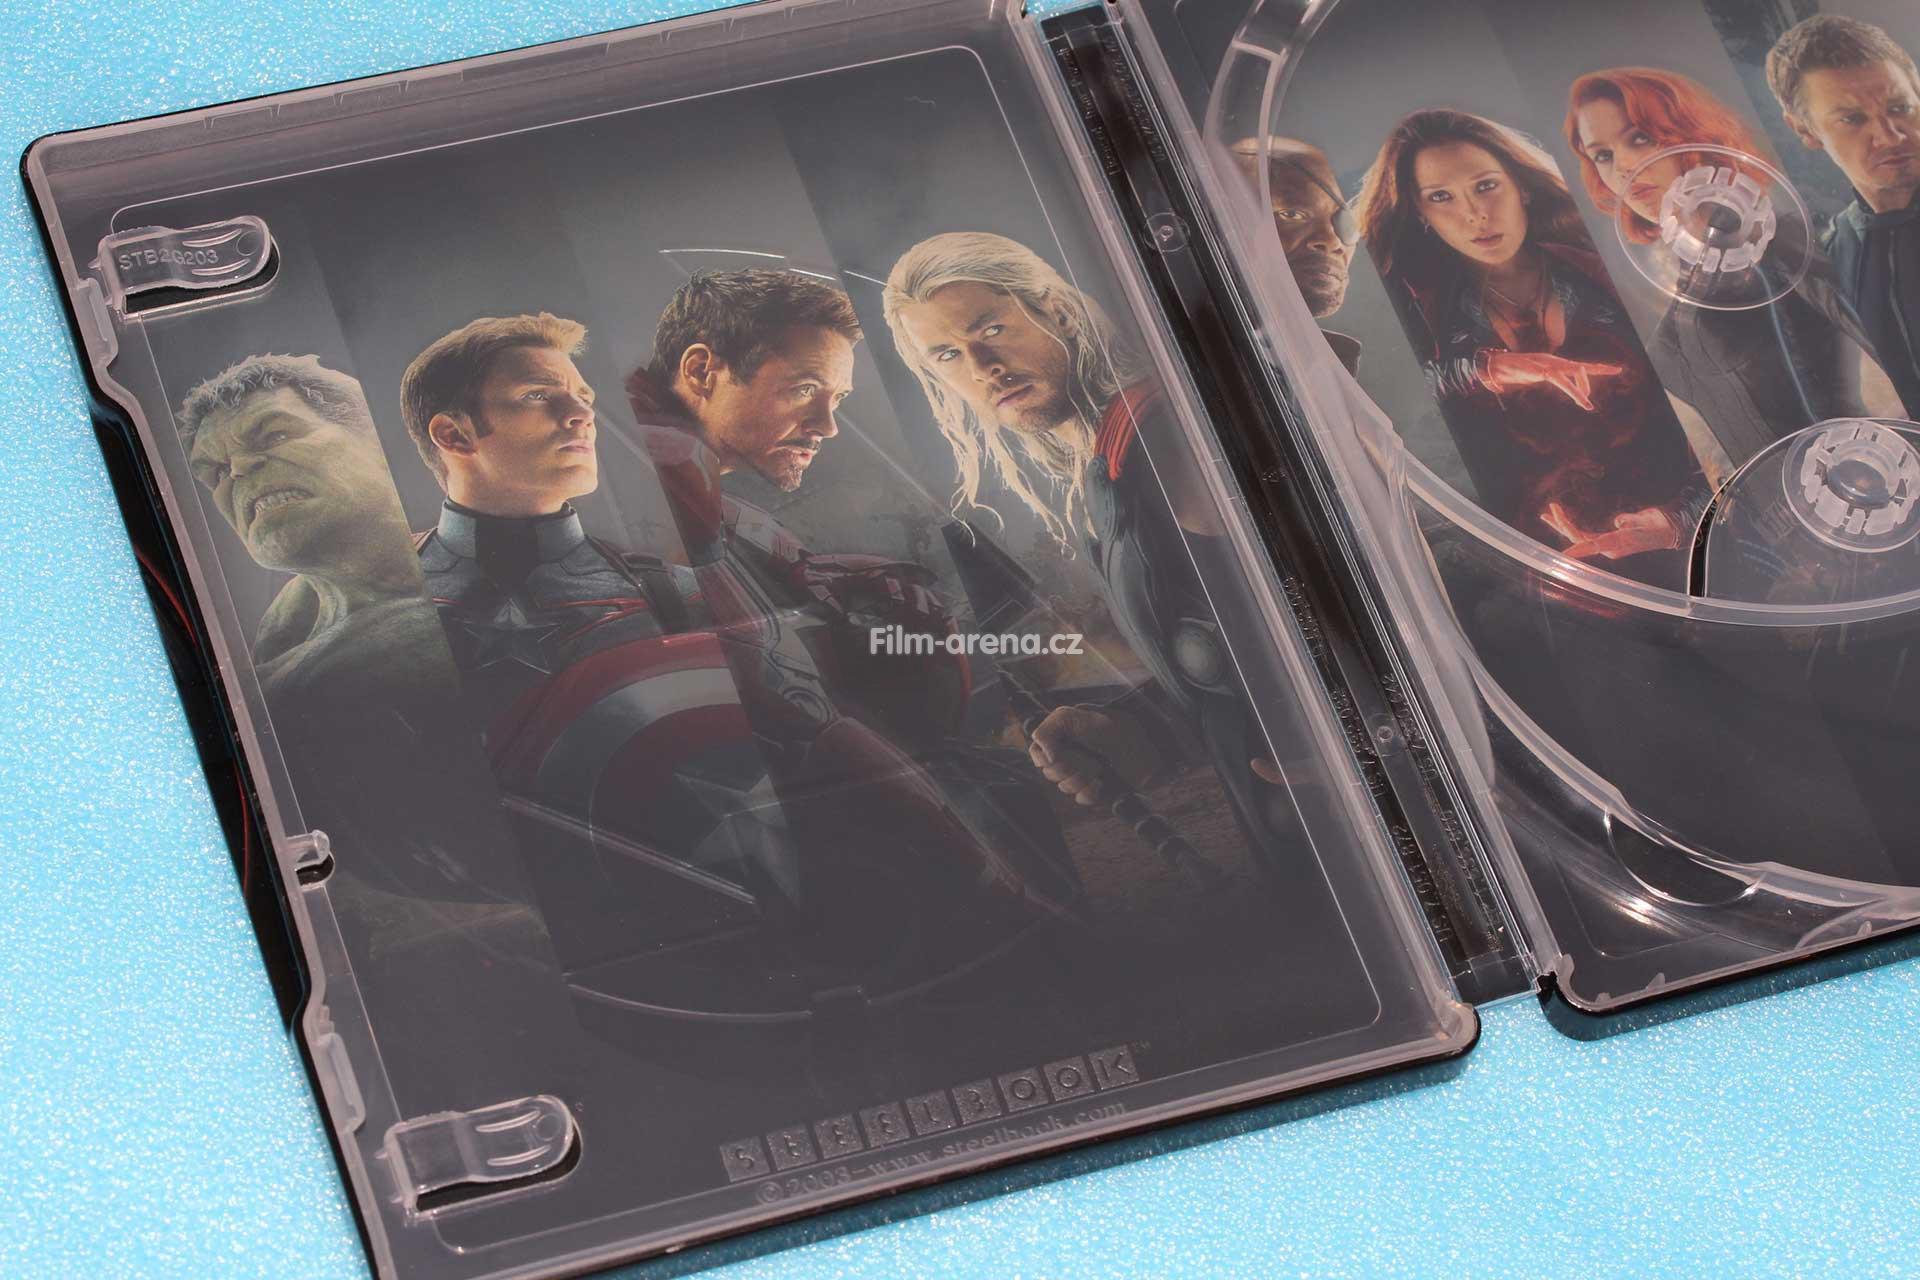 http://www.filmarena.cz/upload/images/nazivo/Avengers_2/avengers_10.jpg